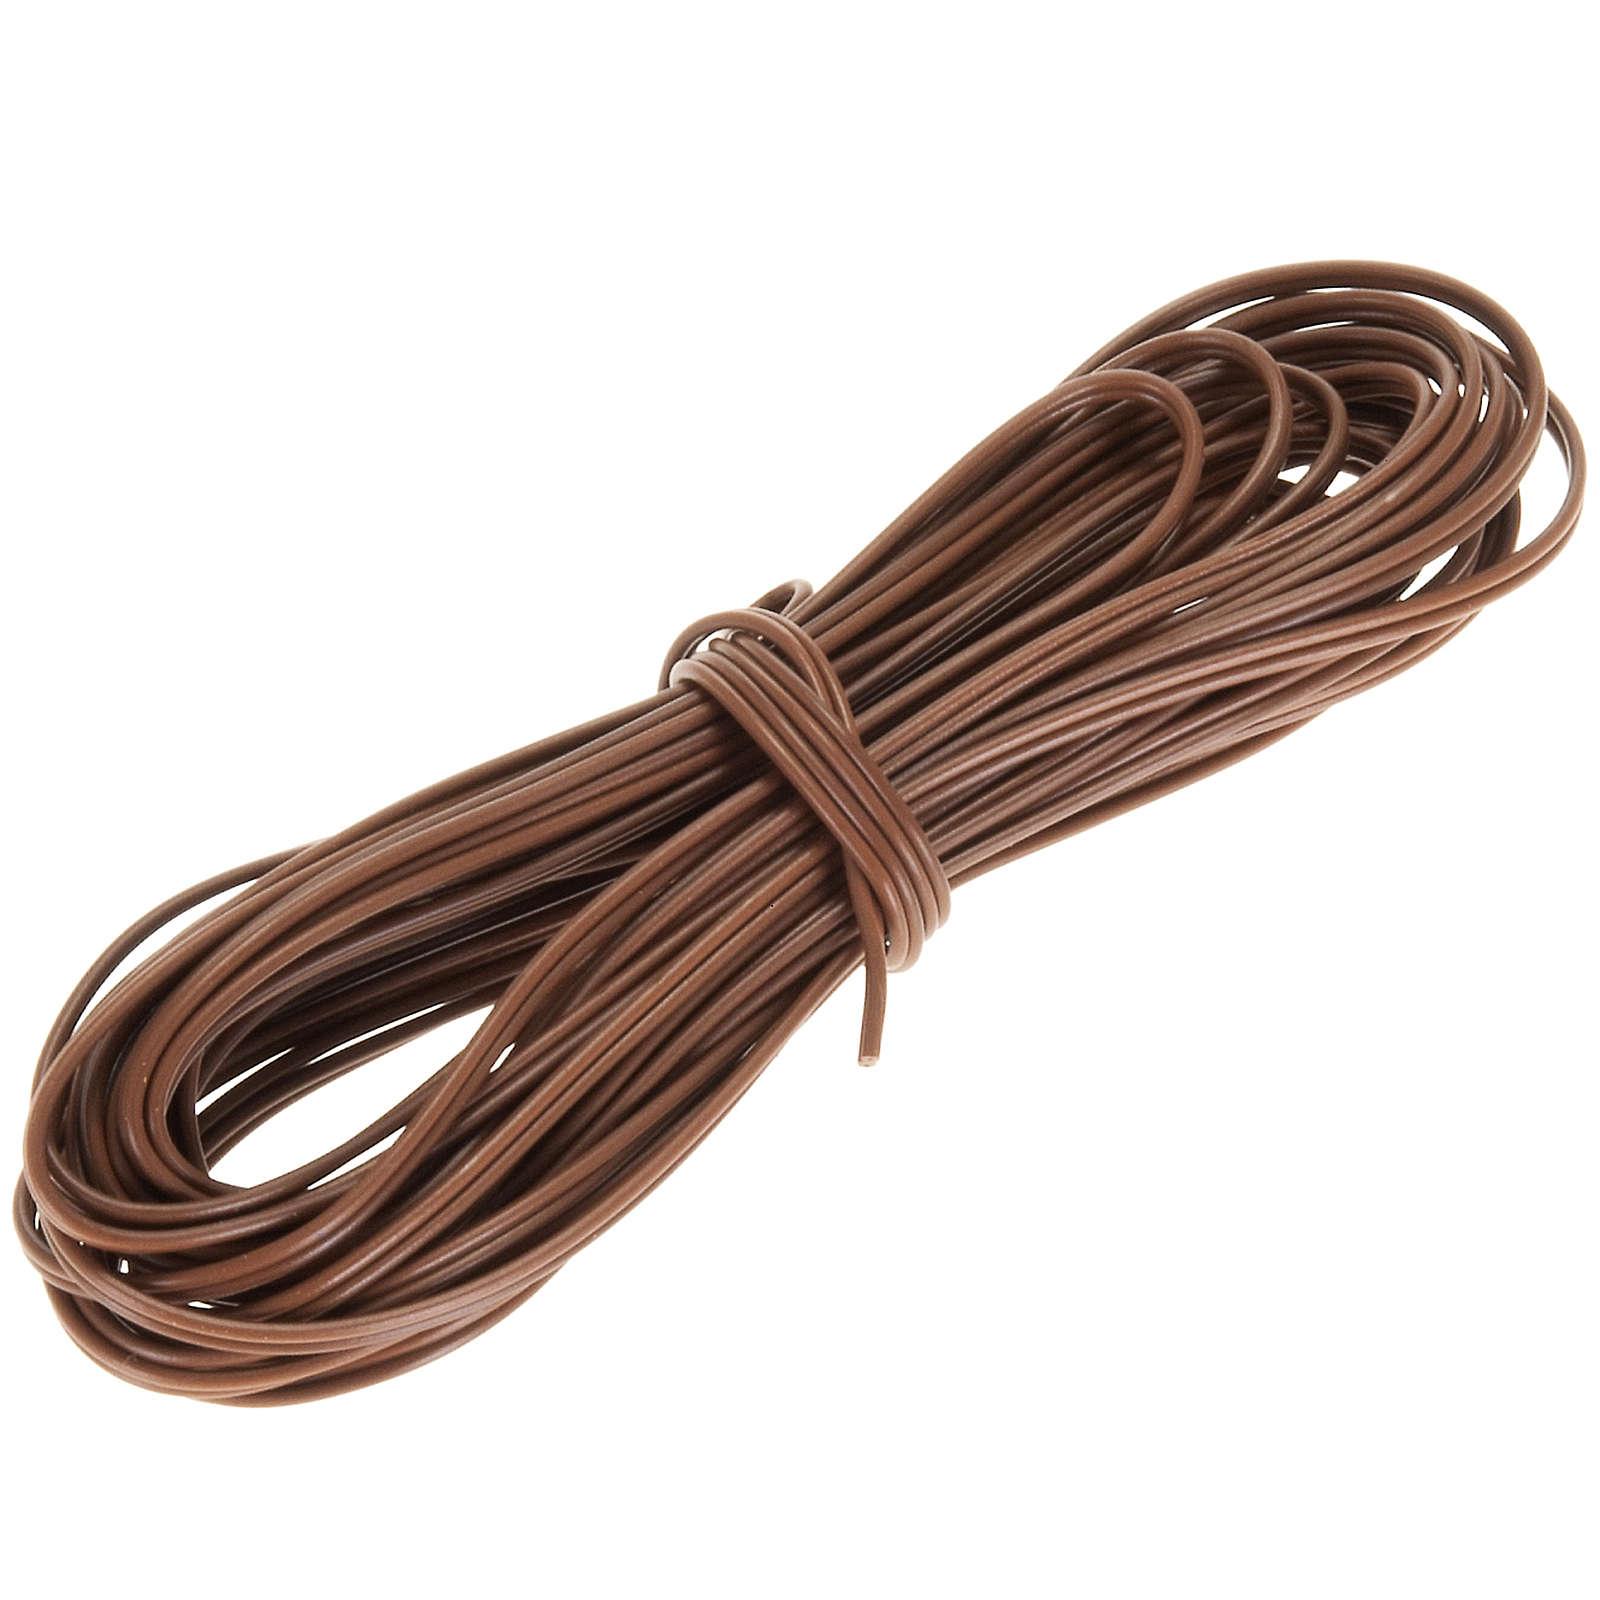 Matassa filo elettrico marrone 5 m 4